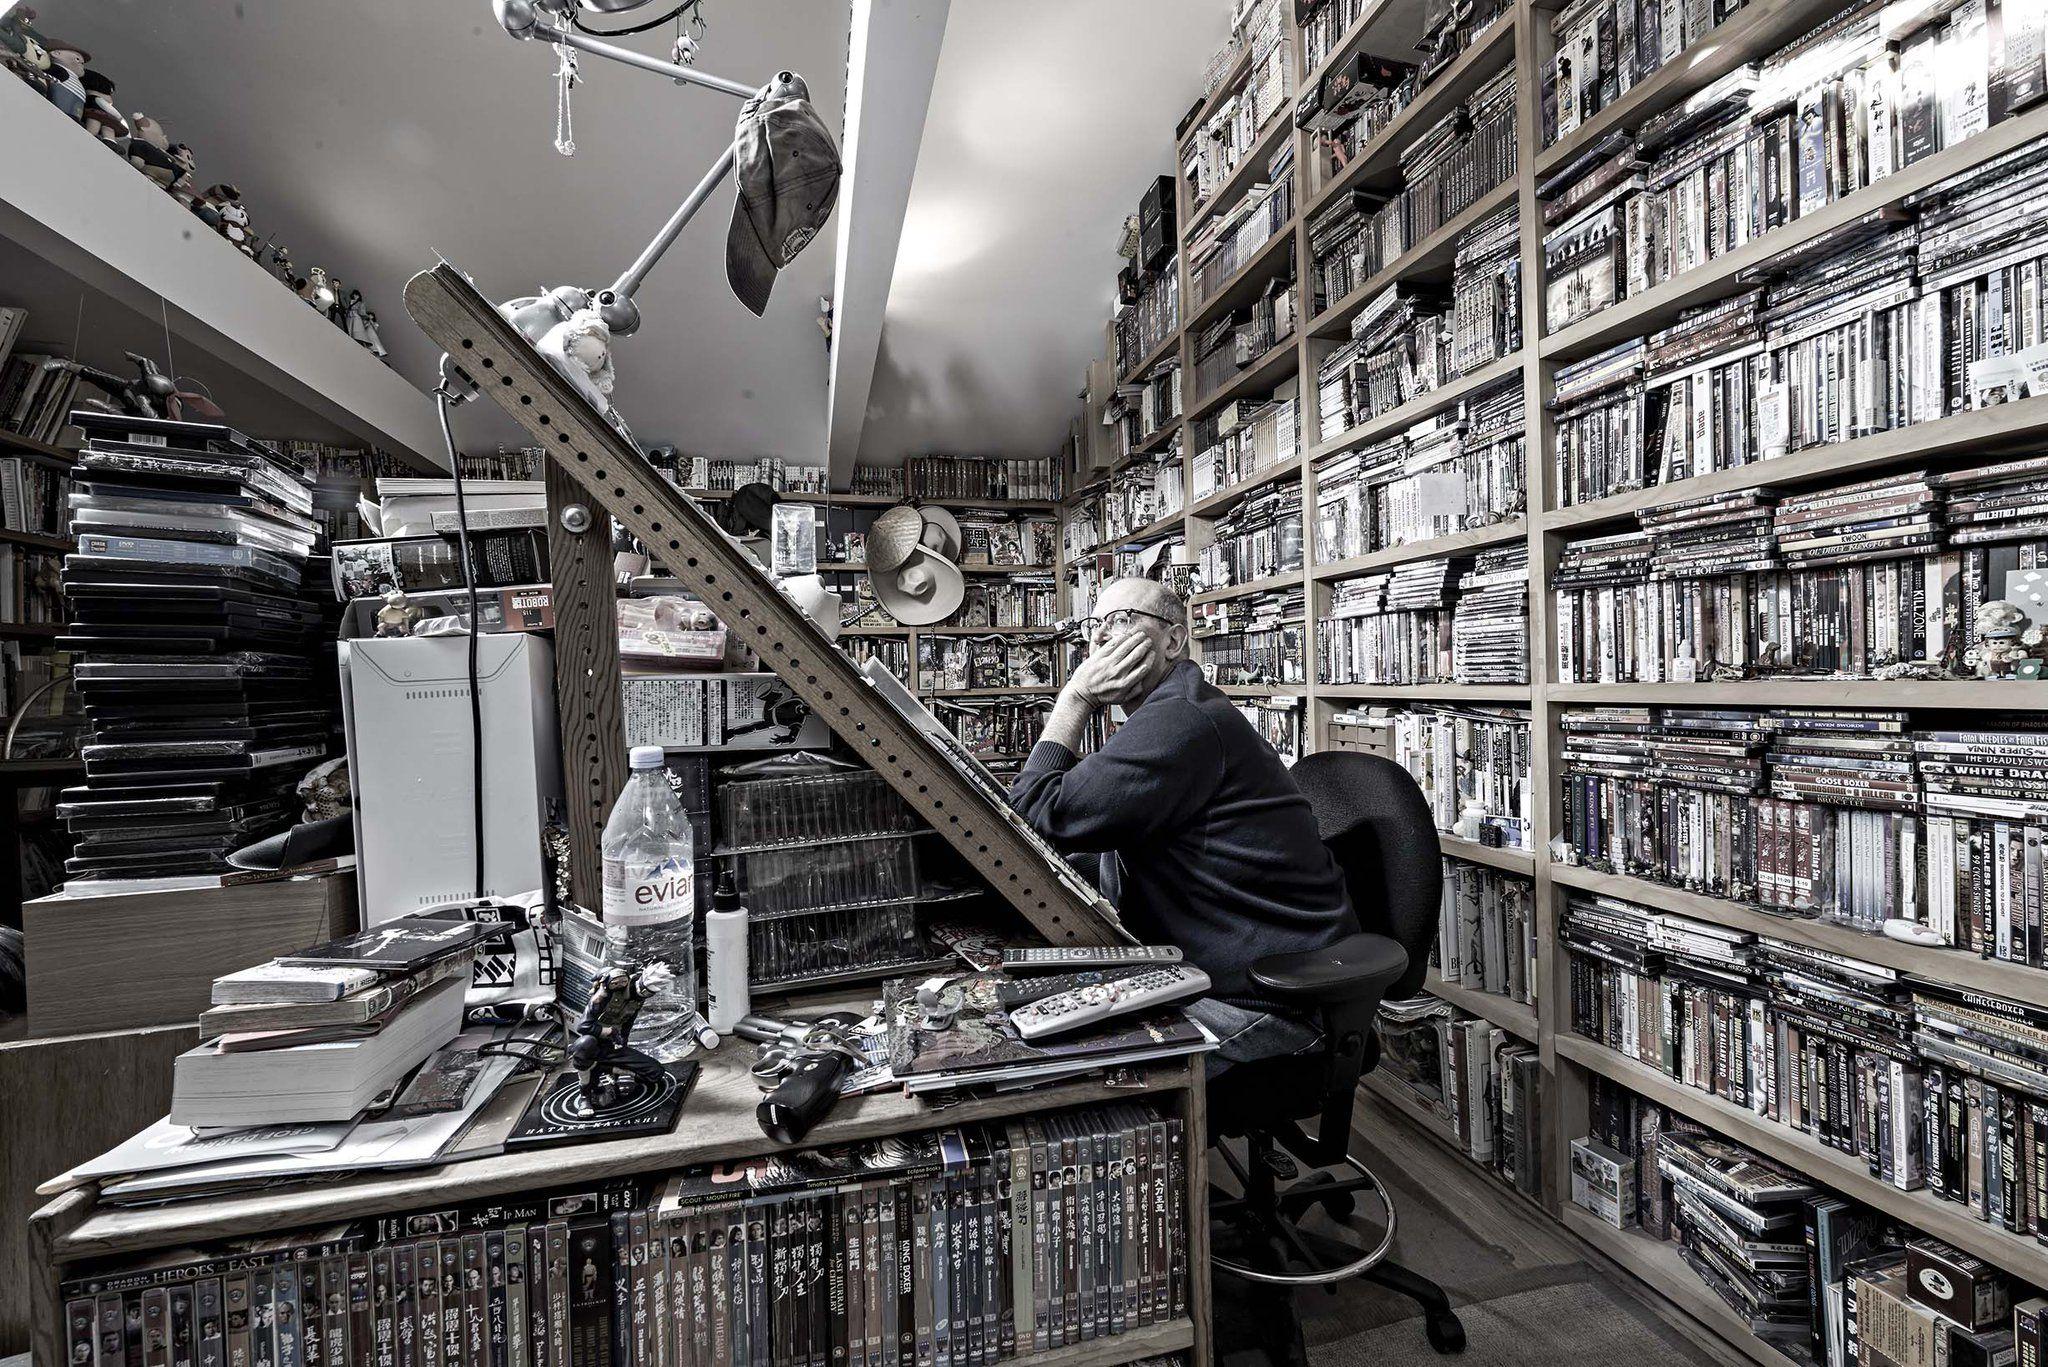 Cartoonist Pics on Geof darrow, Artist workspace, Studio